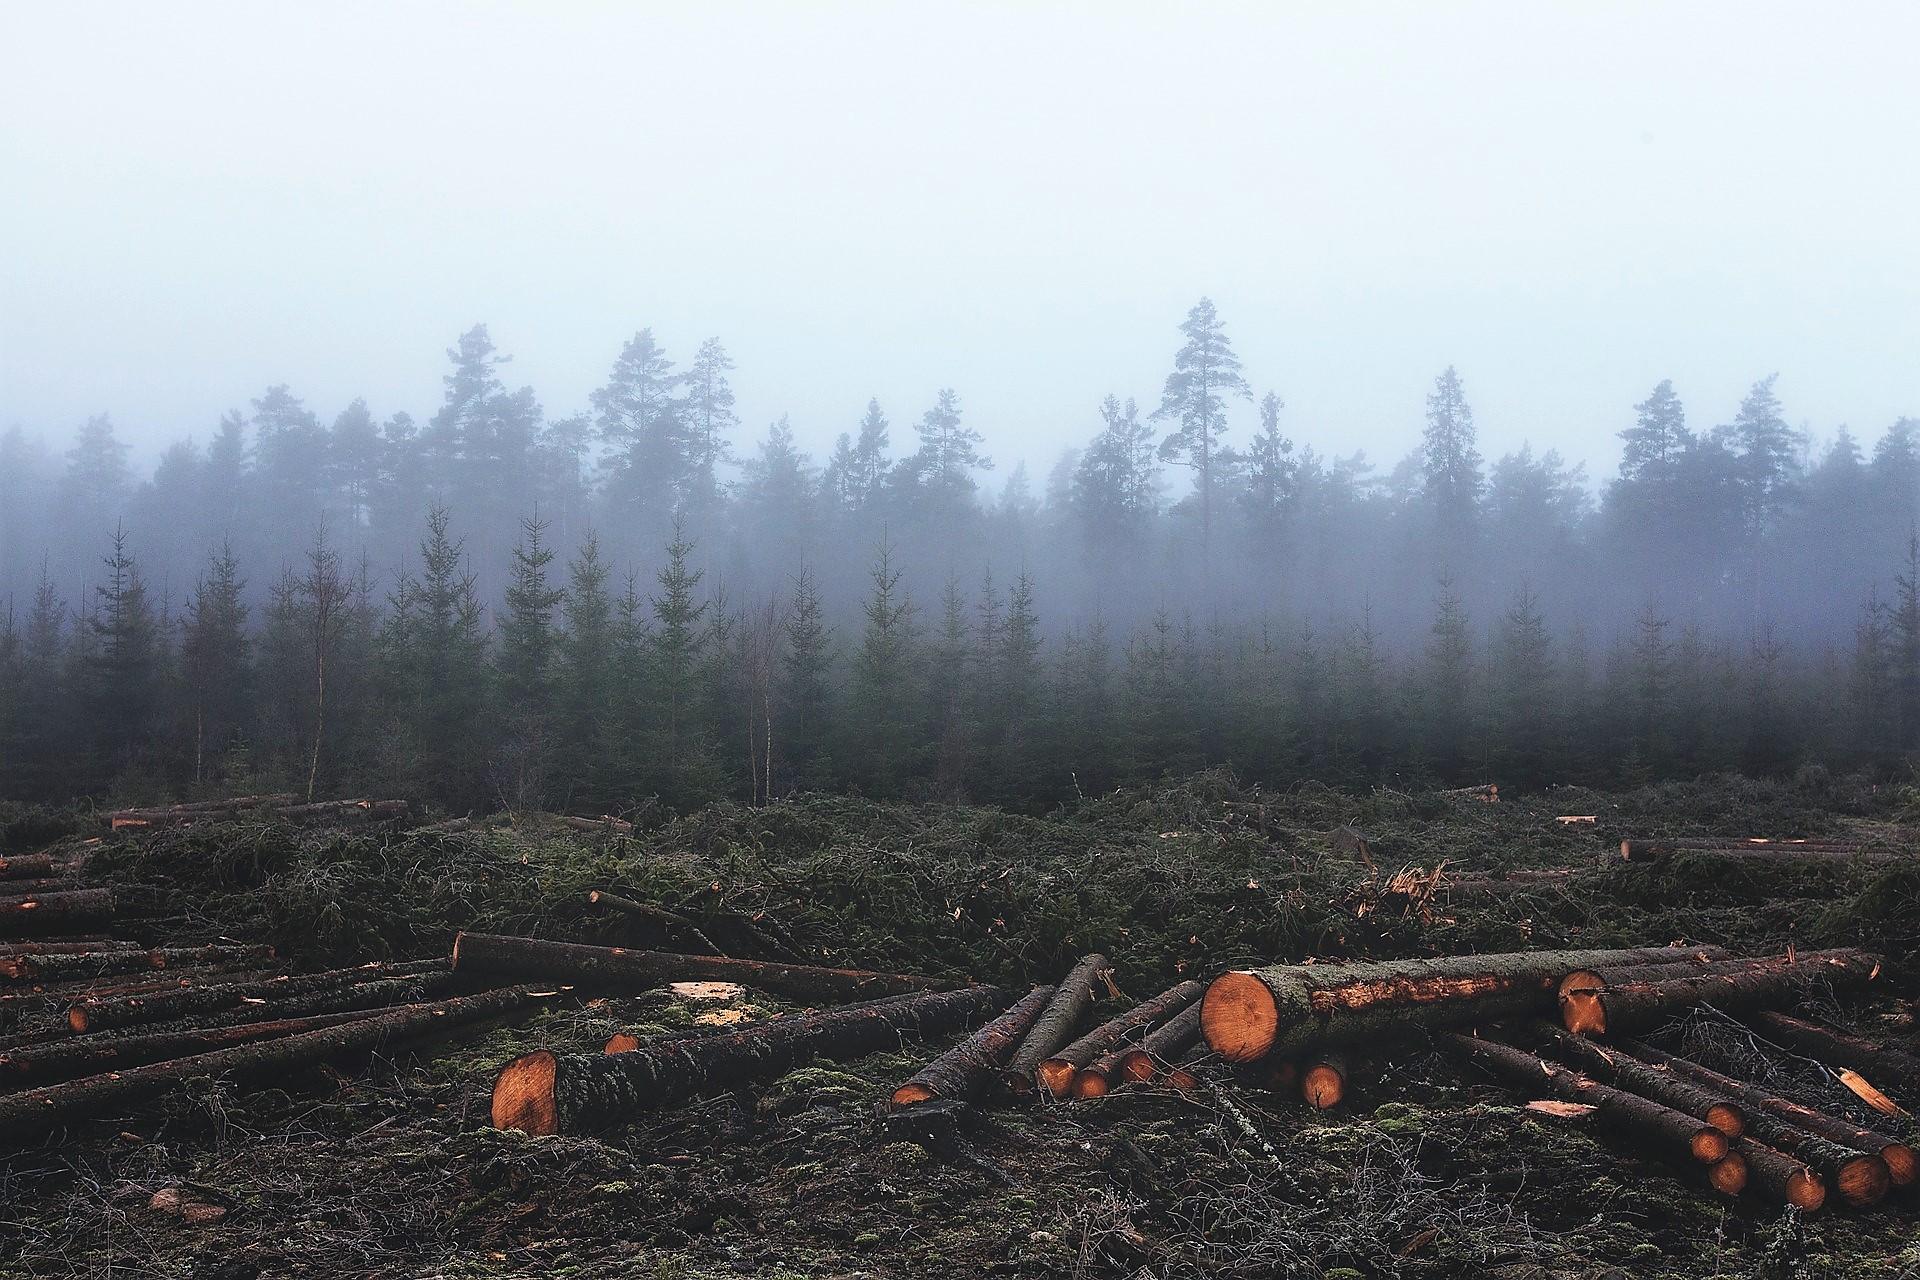 Humanos y deforestación: 90 % de probabilidades de destrucción de la civilización entre 20 y 40 años